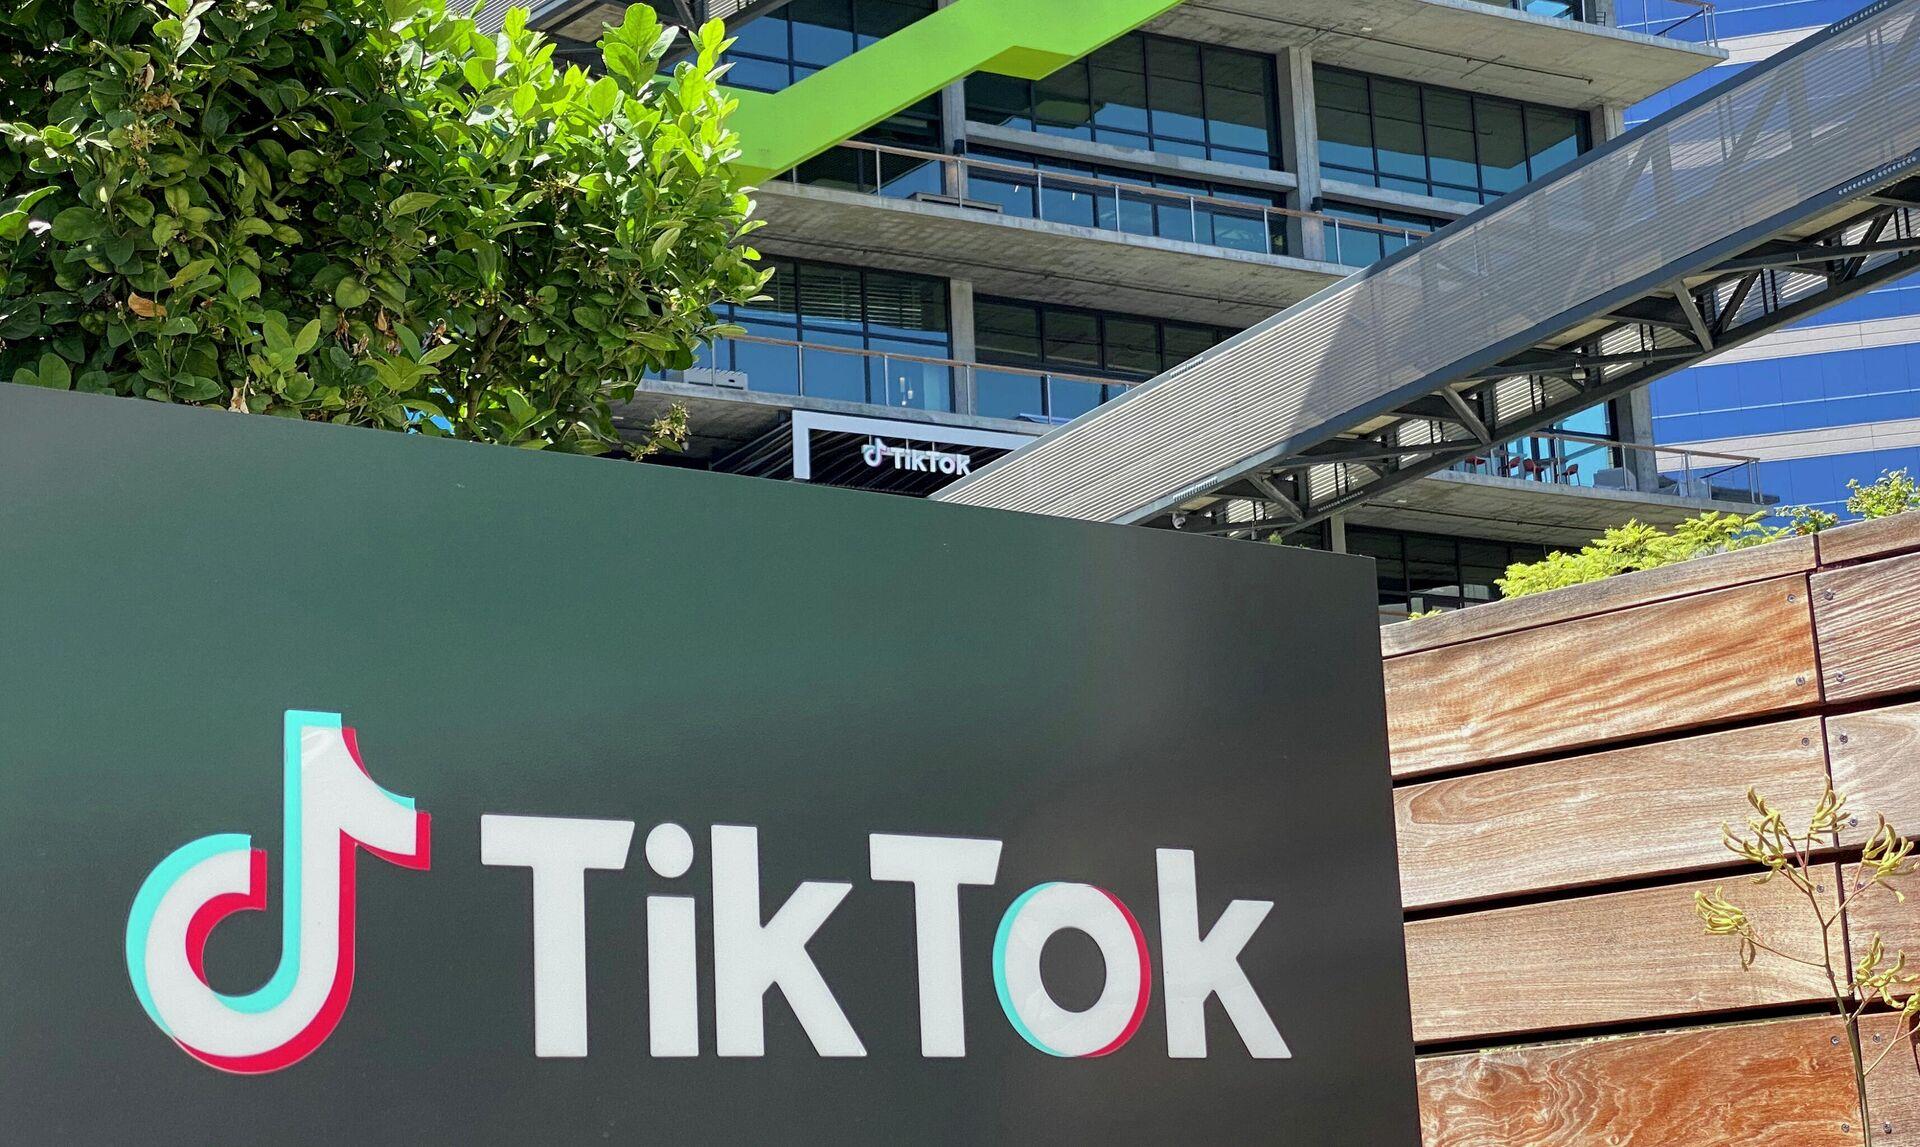 Логотип китайского видеоприложения TikTok на здании офиса компании в Калвер-Сити на западе Лос-Анджелеса - РИА Новости, 1920, 10.09.2020